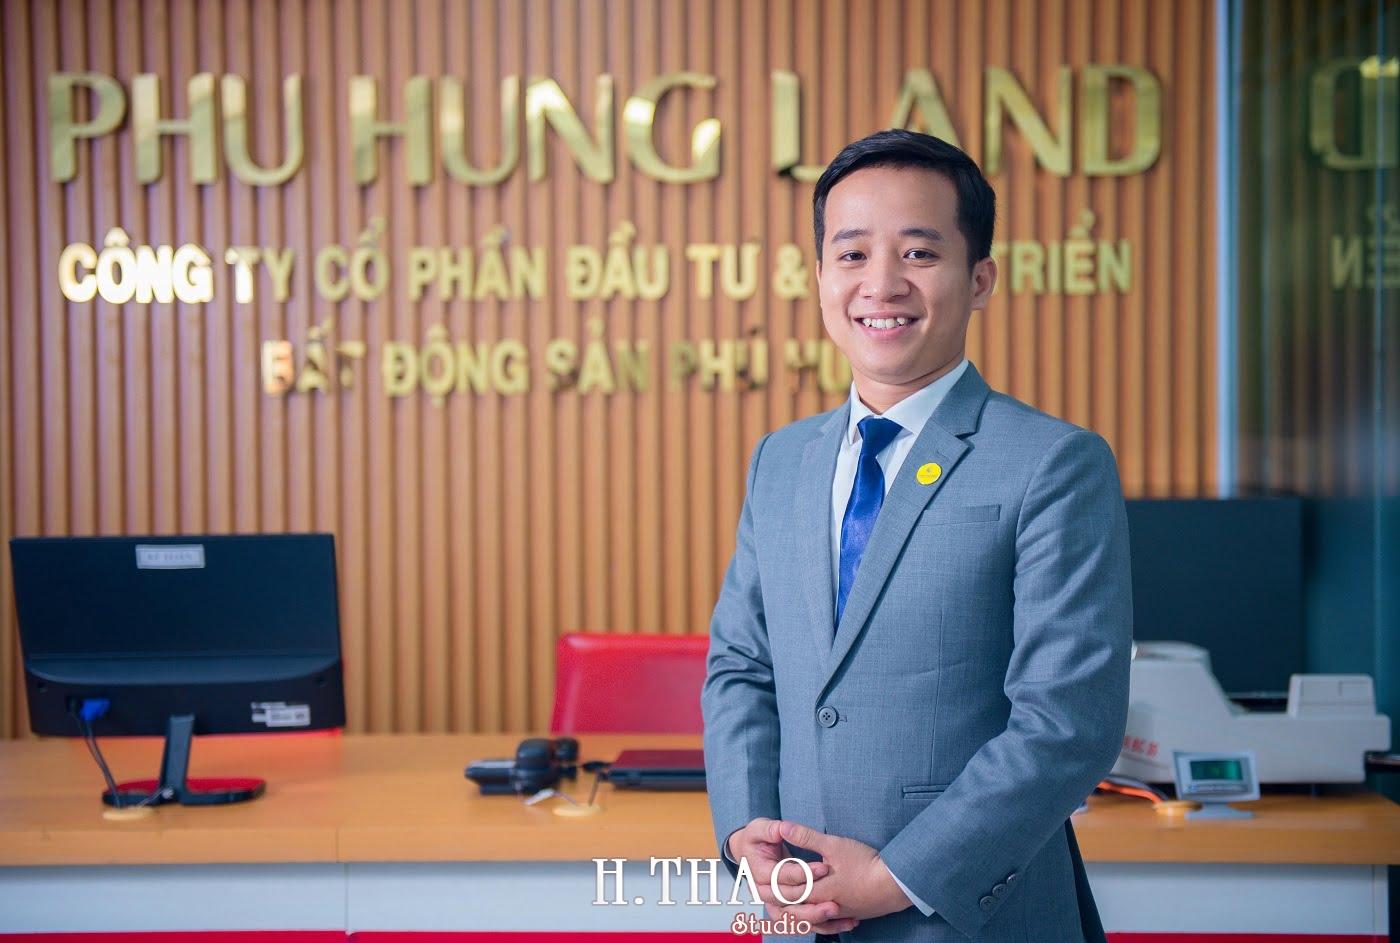 Phu Hung Land 3 - Album ảnh profile nhân sự công ty Phu Hung Land – HThao Studio